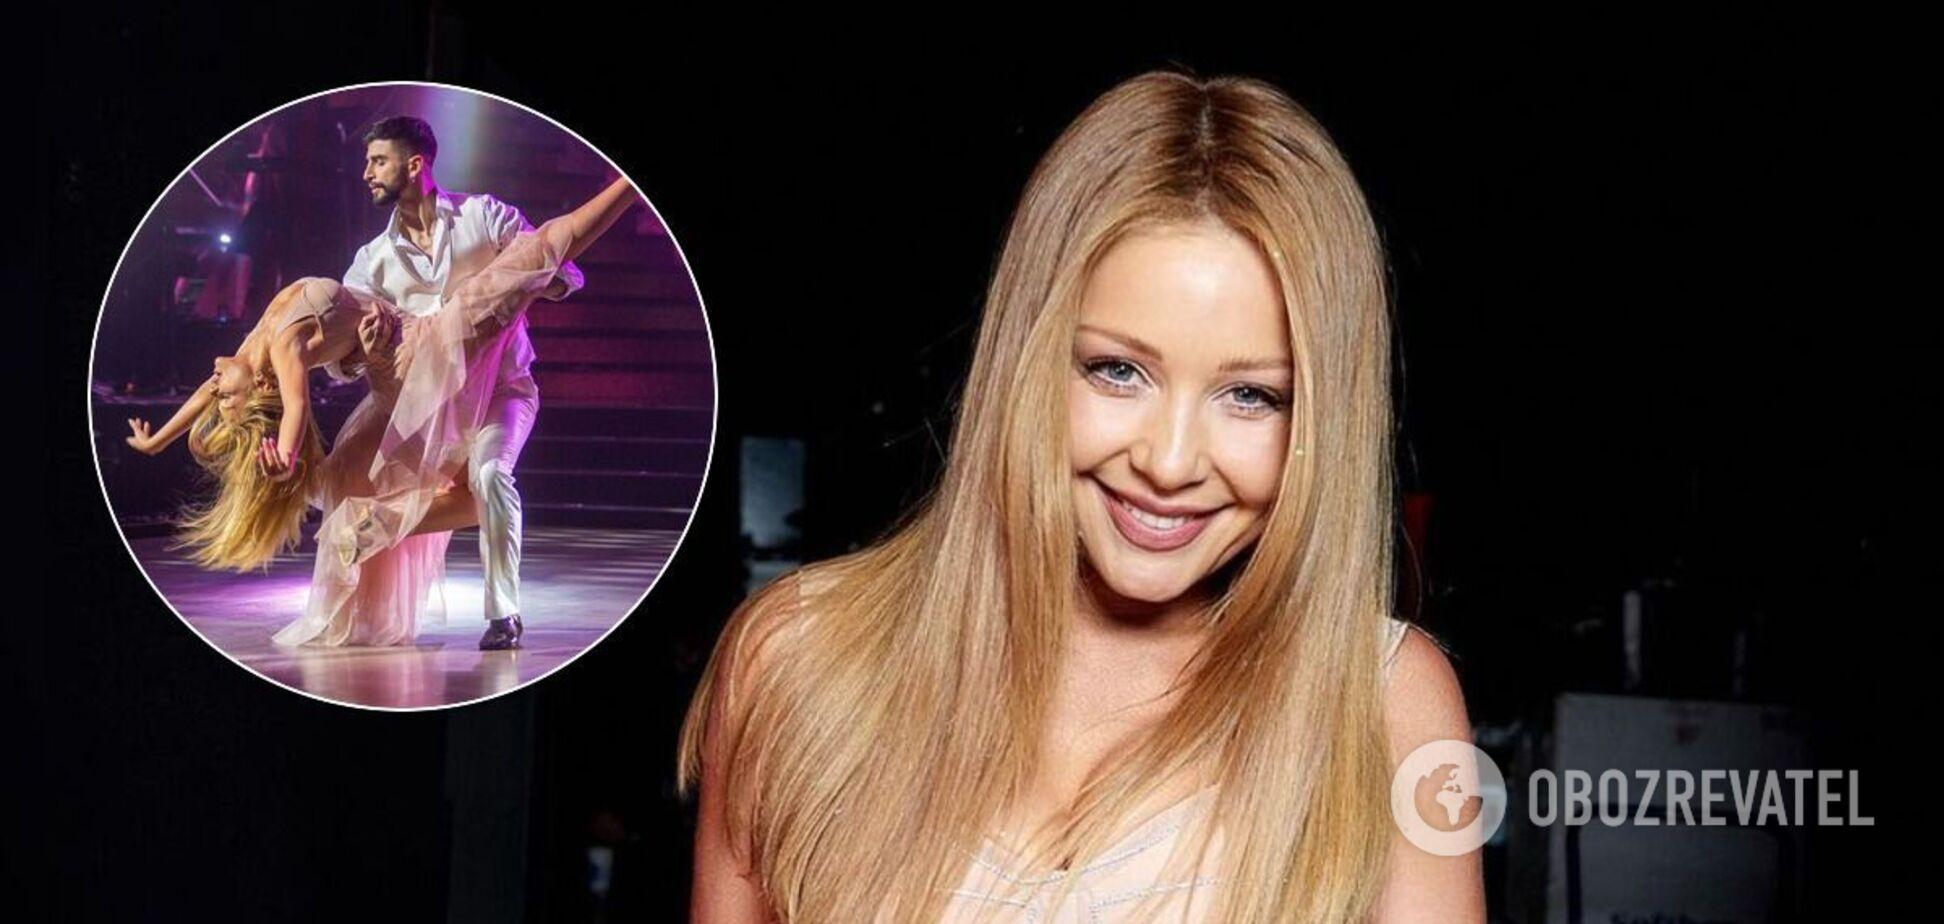 Тіна Кароль вперше станцювала на шоу 'Танці з зірками'